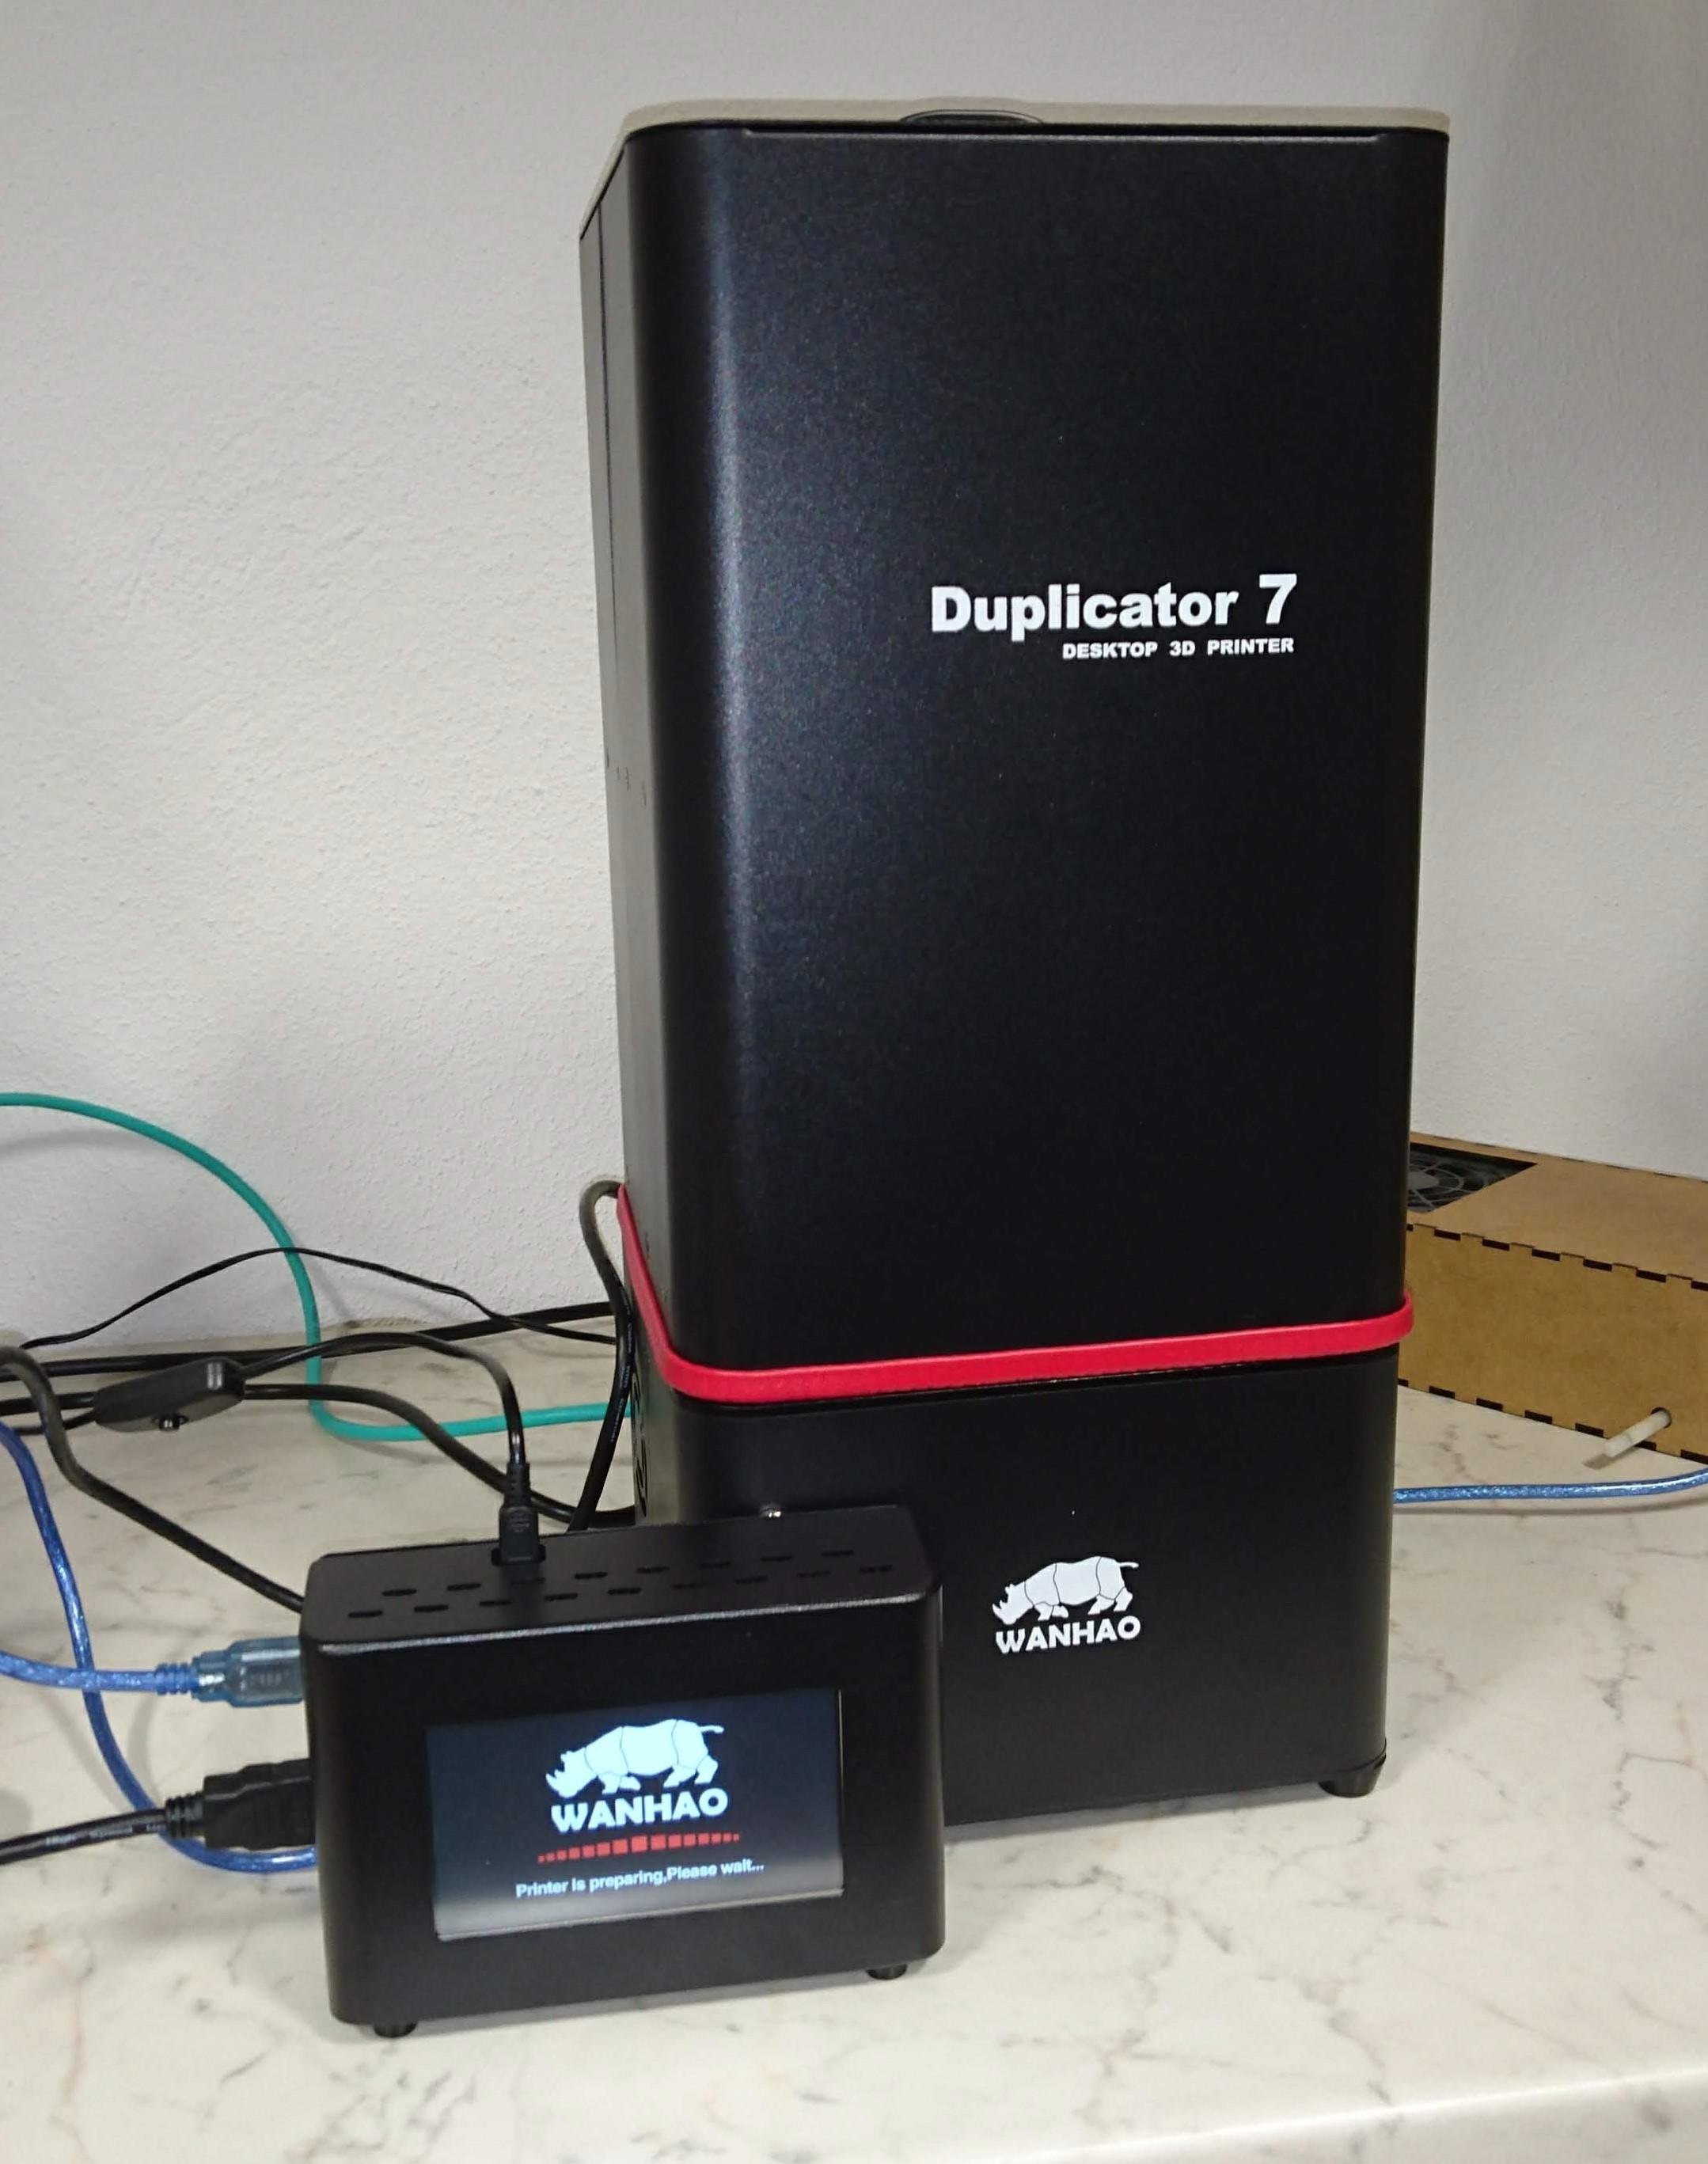 Wanhao Duplicator 7 mit Abdeckung